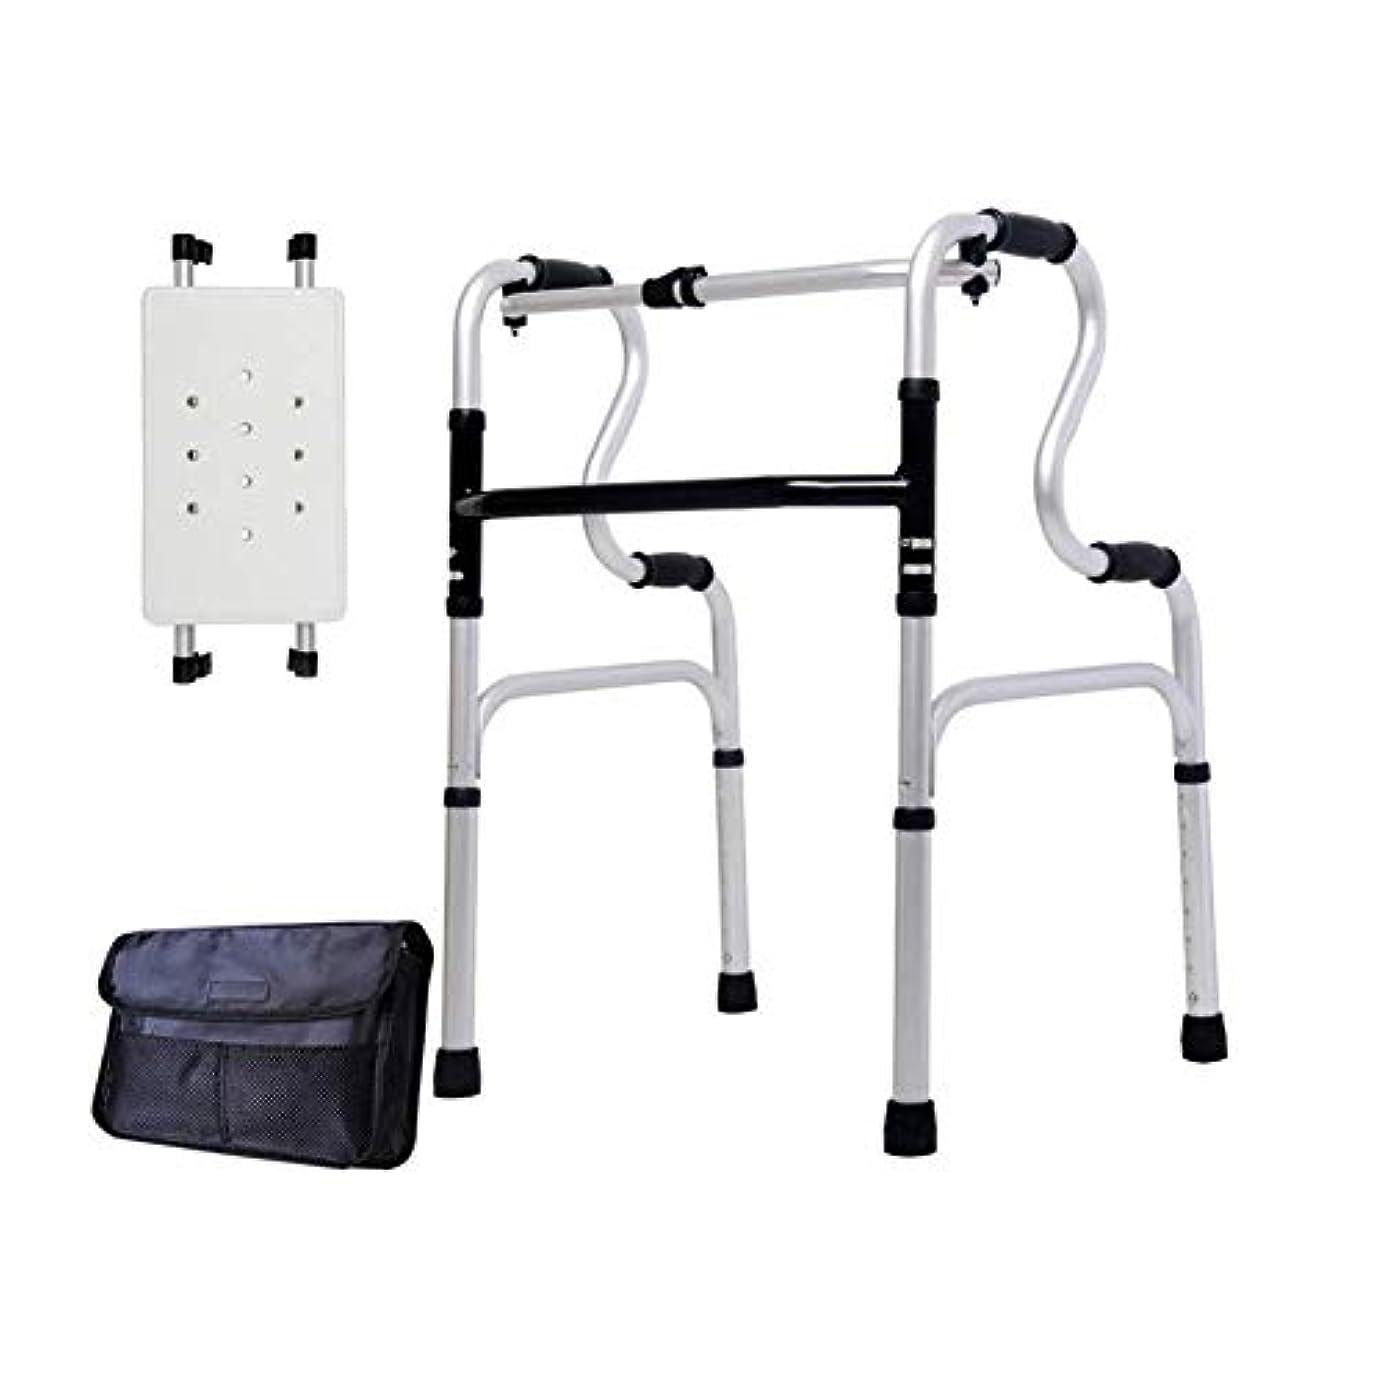 退屈なオペレーター冷蔵庫調節可能な高さの歩行フレーム、取り外し可能なバスシートと収納袋付きの非車輪付き軽量ウォーカー (Color : A)